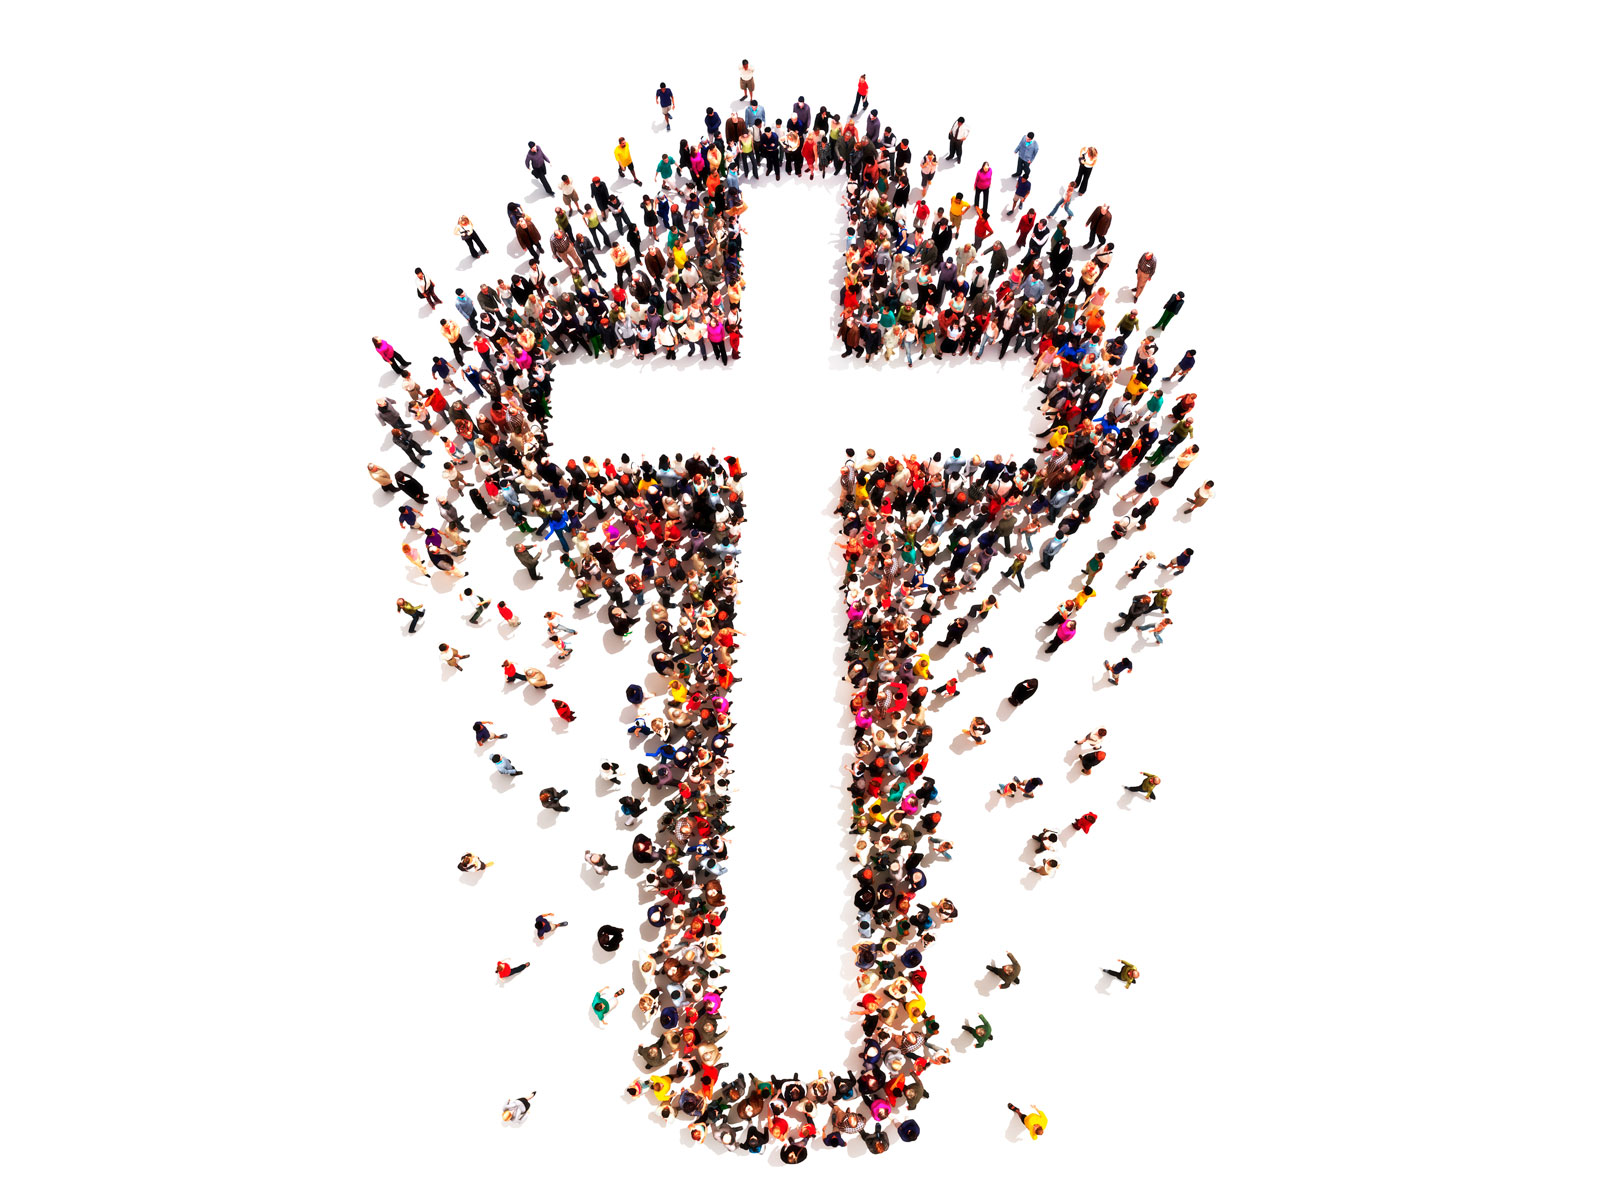 Doutrina-Social-da-Igreja-a-pessoa-humana-no-desígnio-de-amor-de-Deus